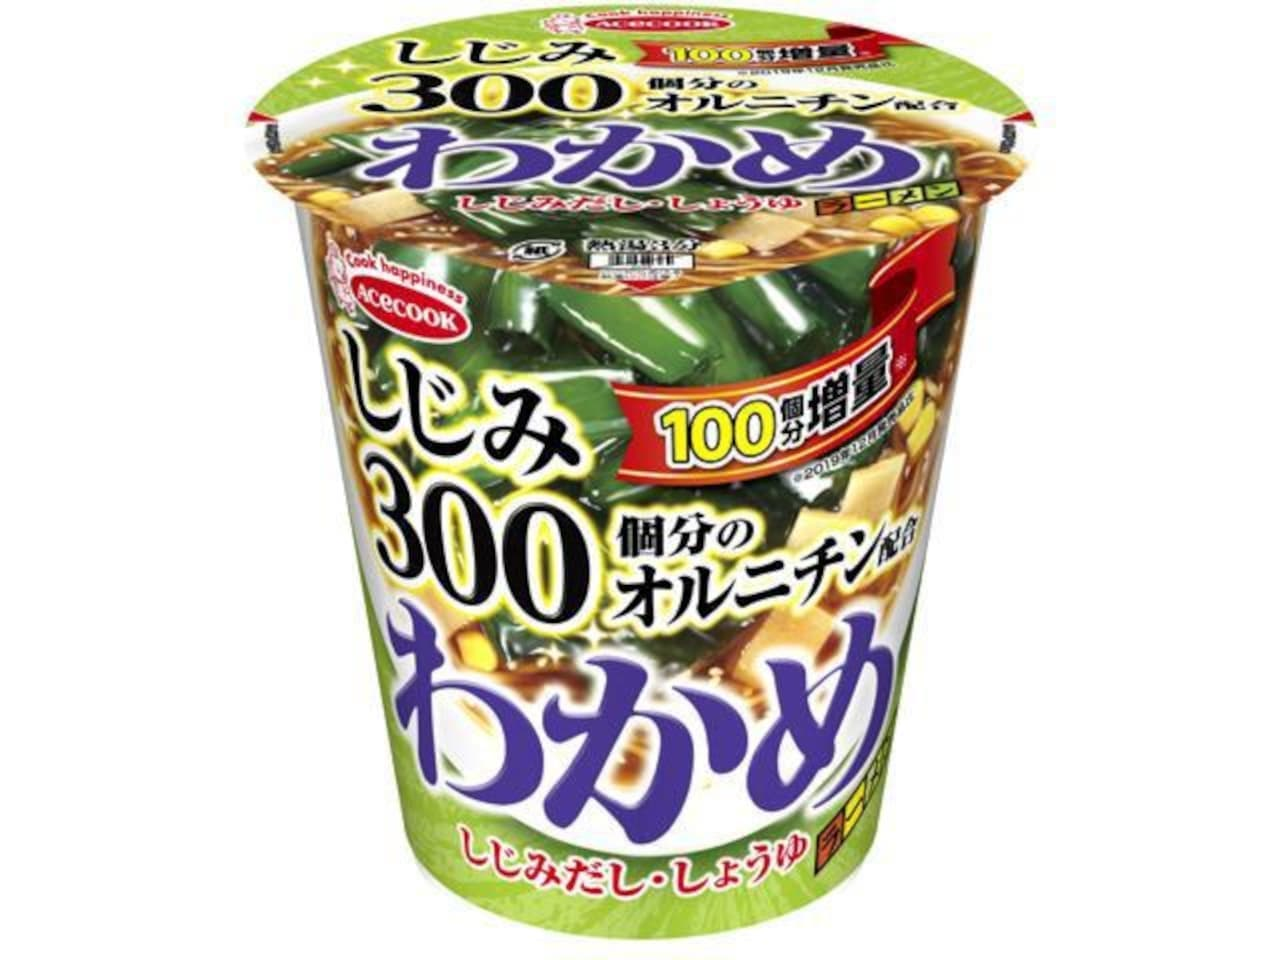 カップ麺「タテロング わかめラーメン しじみだし・しょうゆ」